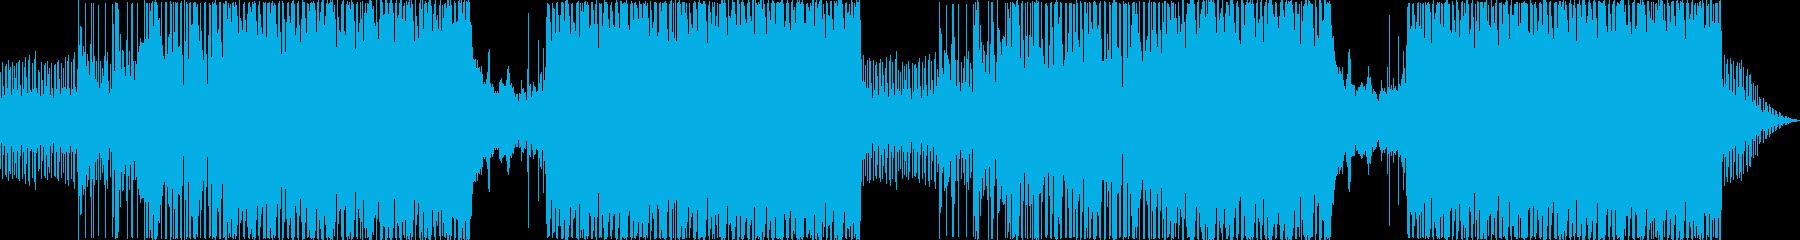 推理、ドキュメンタリーにミステリアスな曲の再生済みの波形